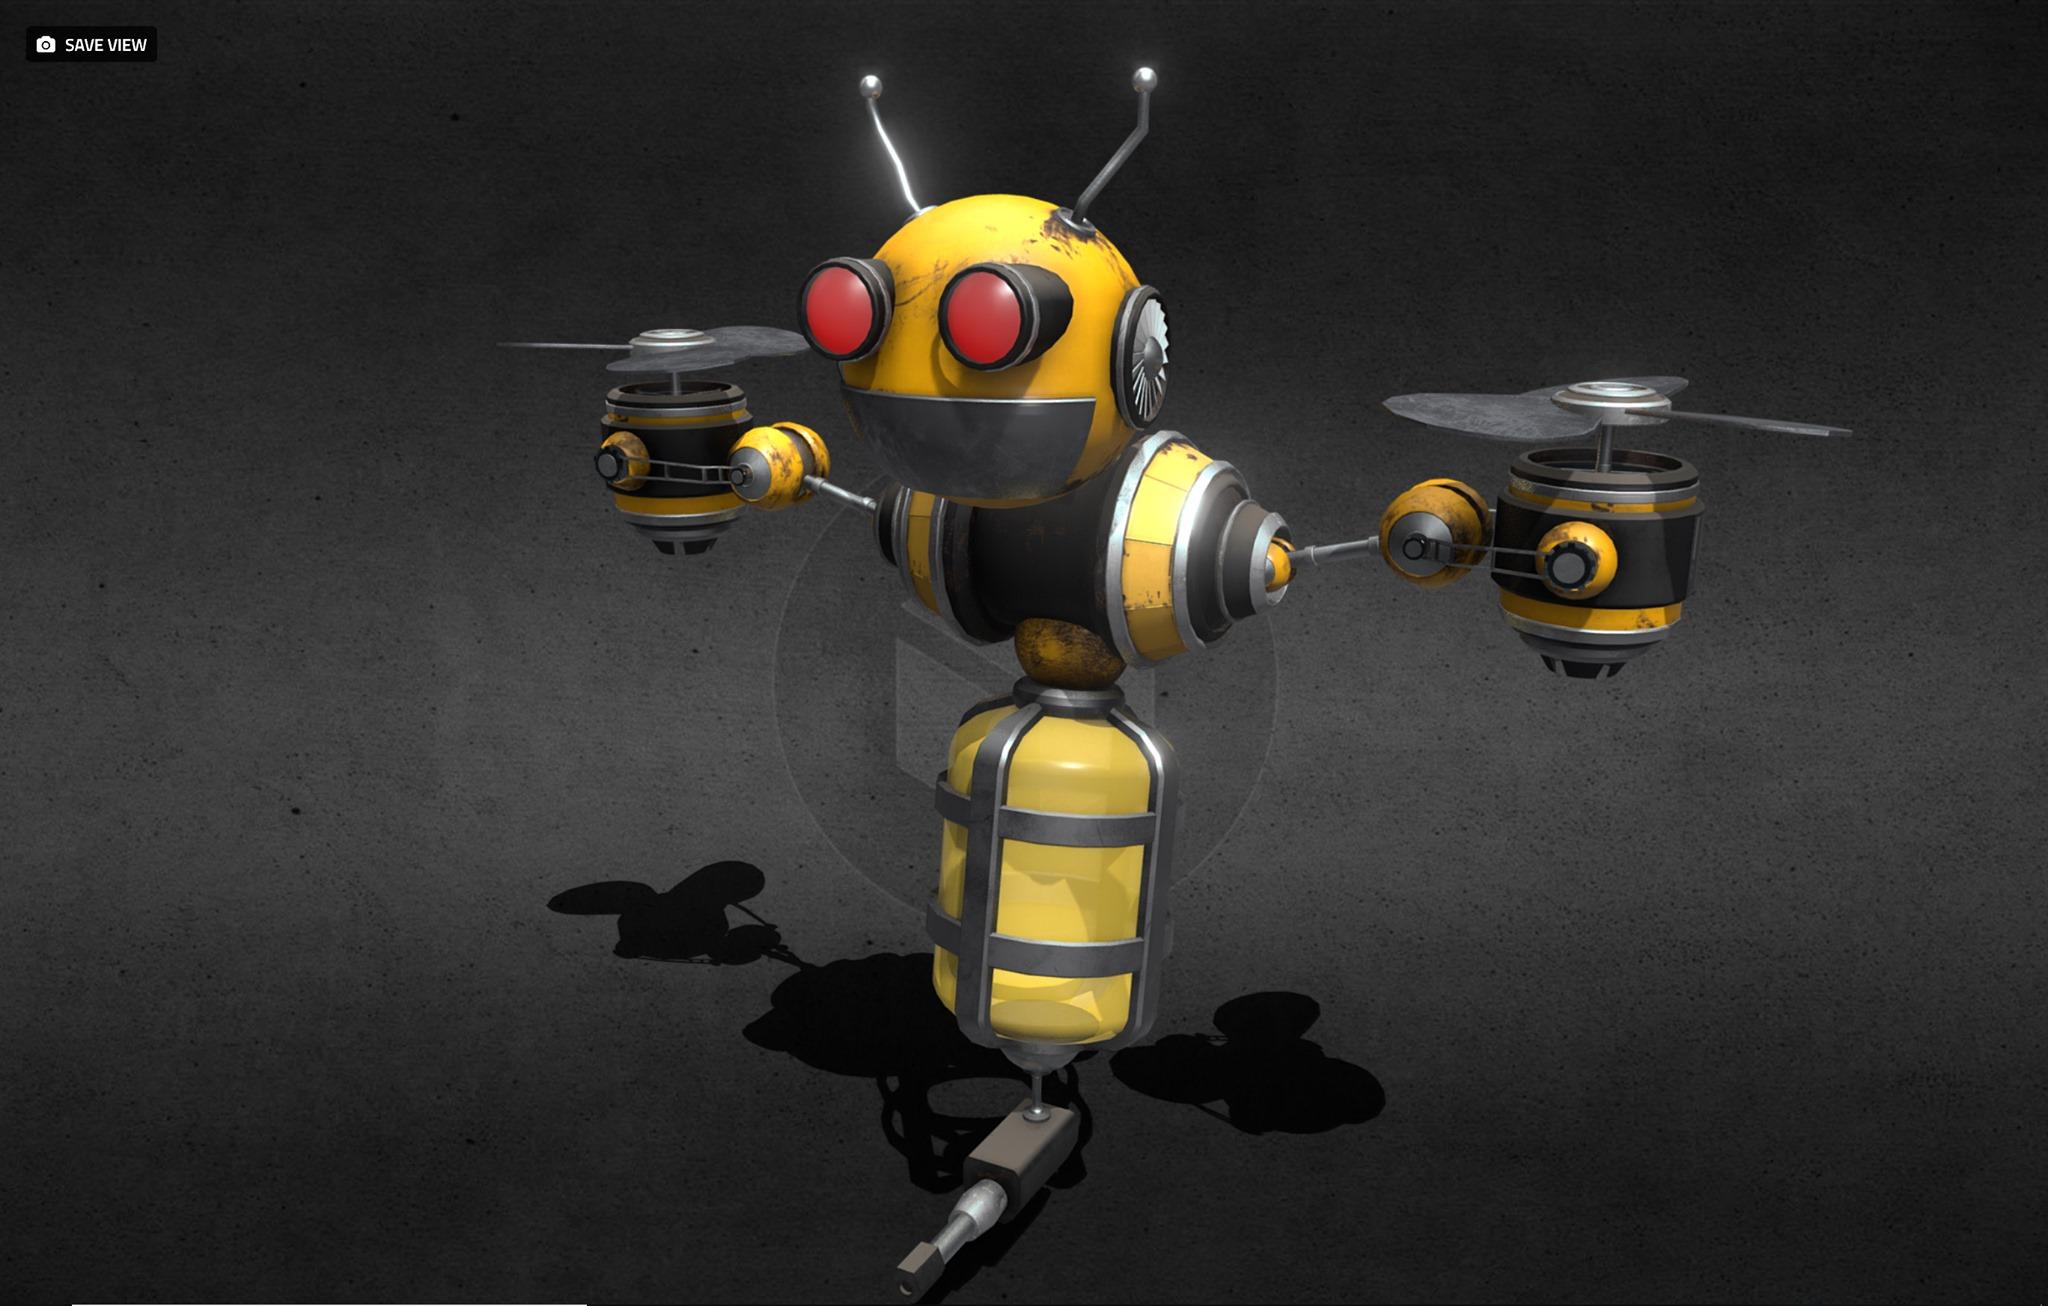 Mech-Bee